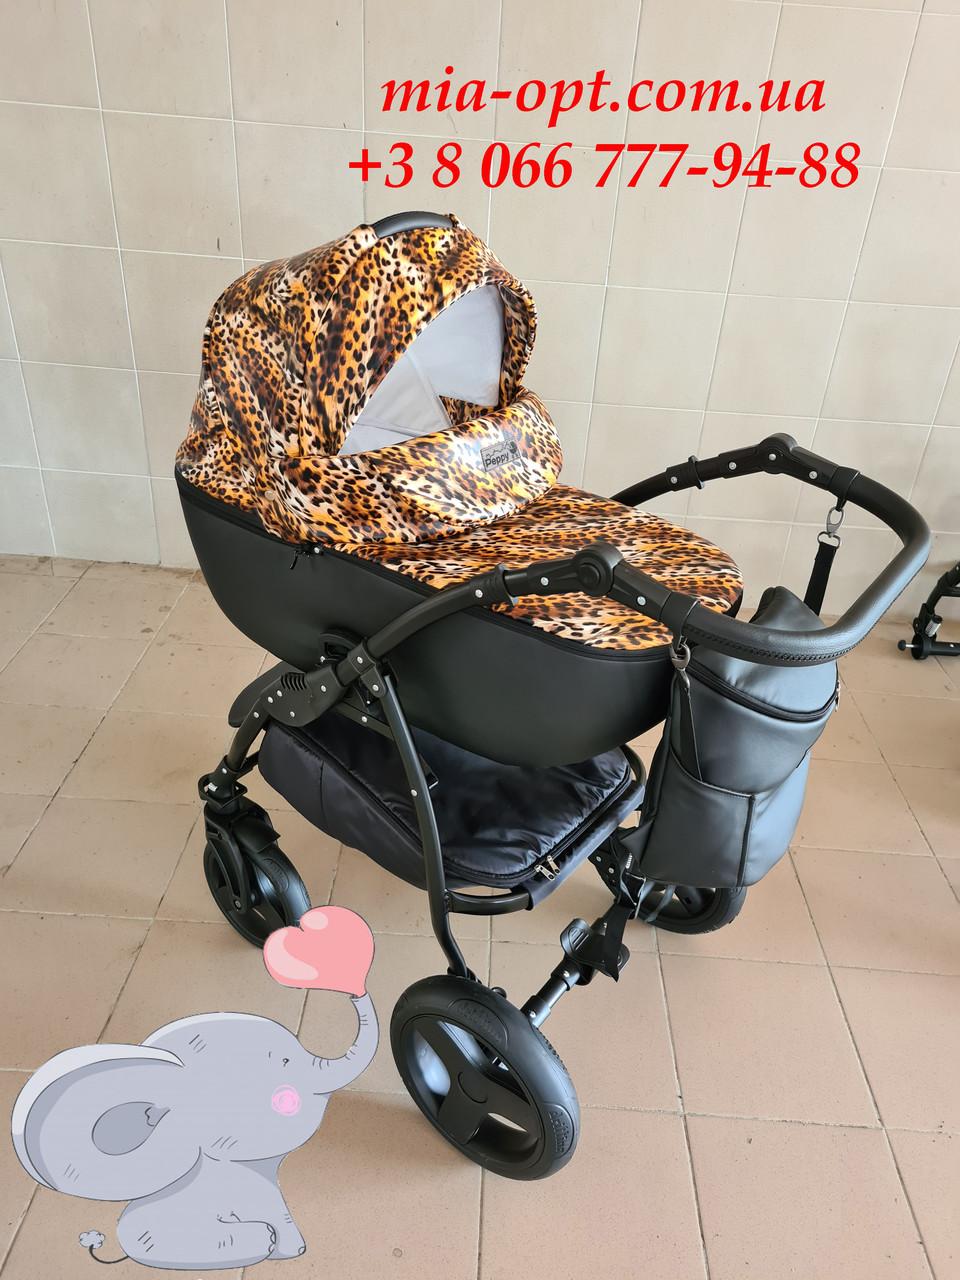 Детская коляска 2 в 1 Peppy Classik эко кожа  эко кожа леопард